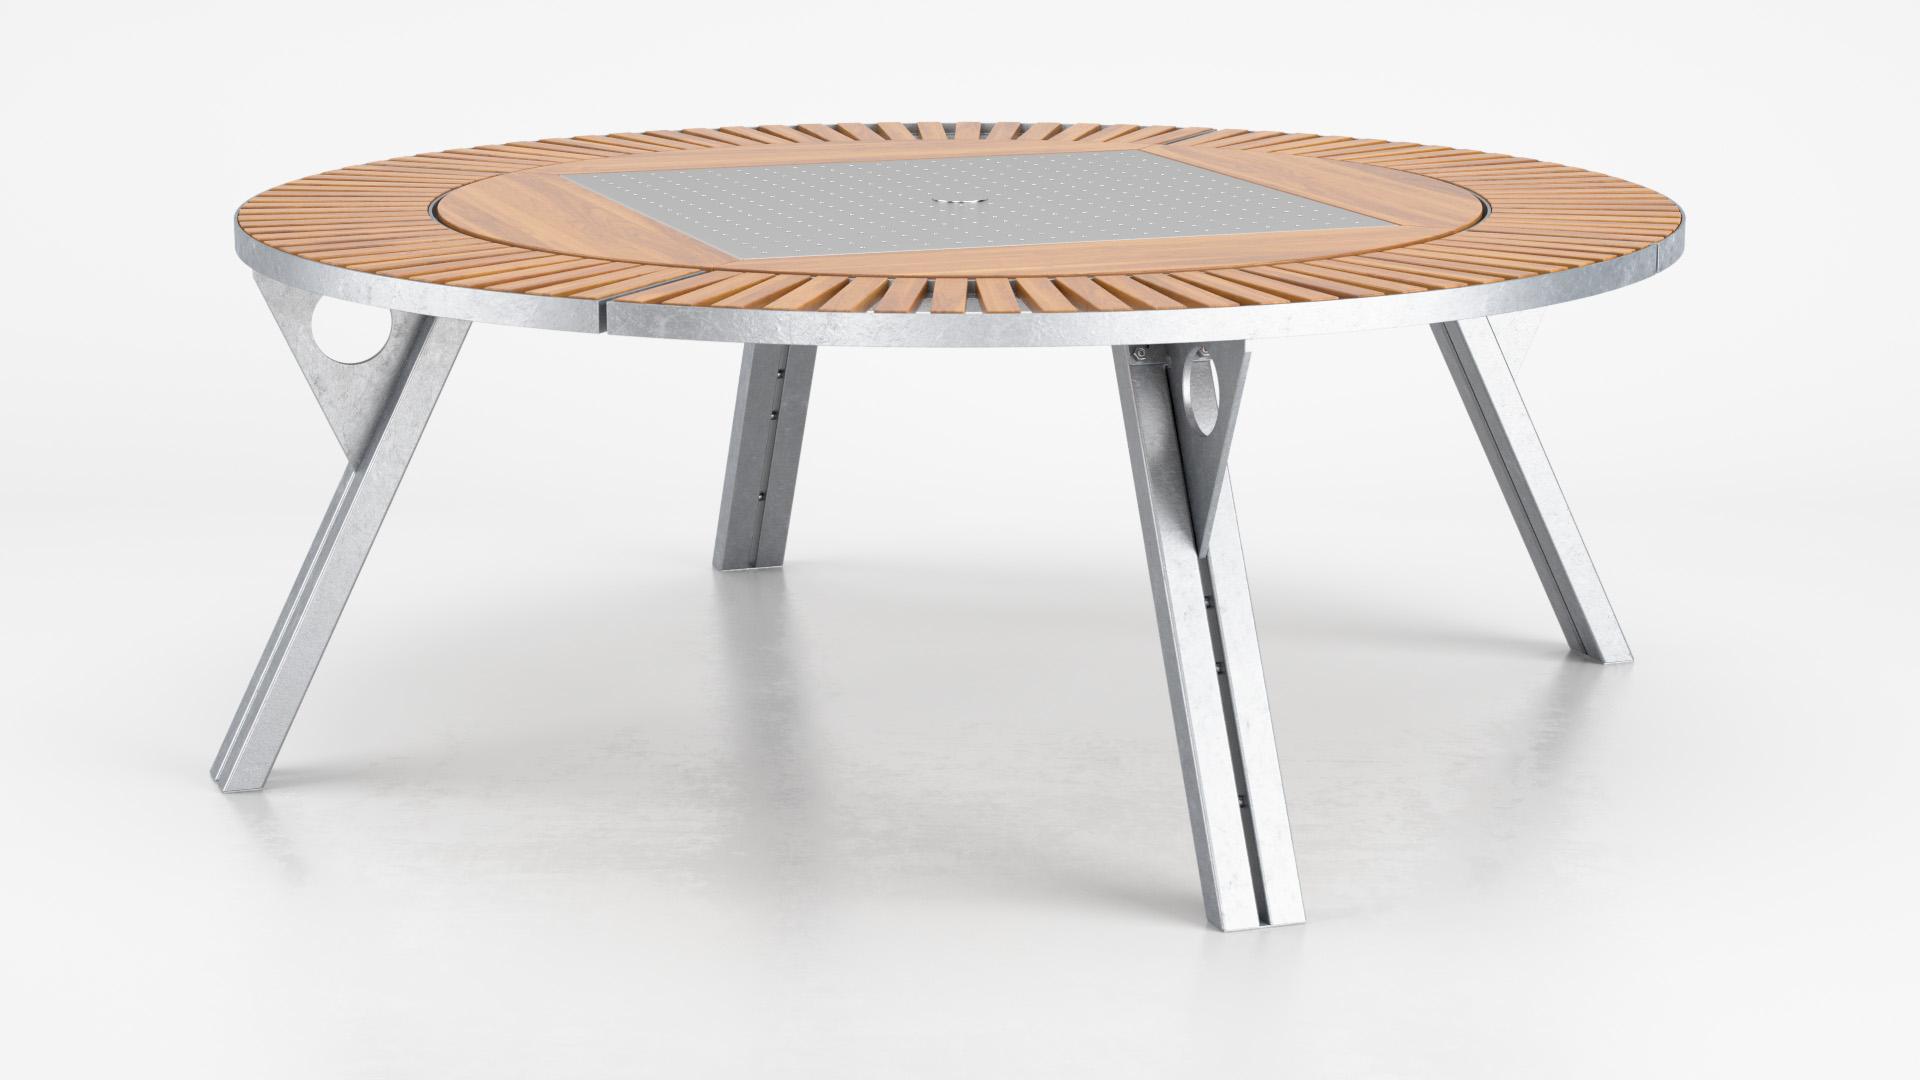 gargantua extended table – extremis | cg-projects – 3d archviz